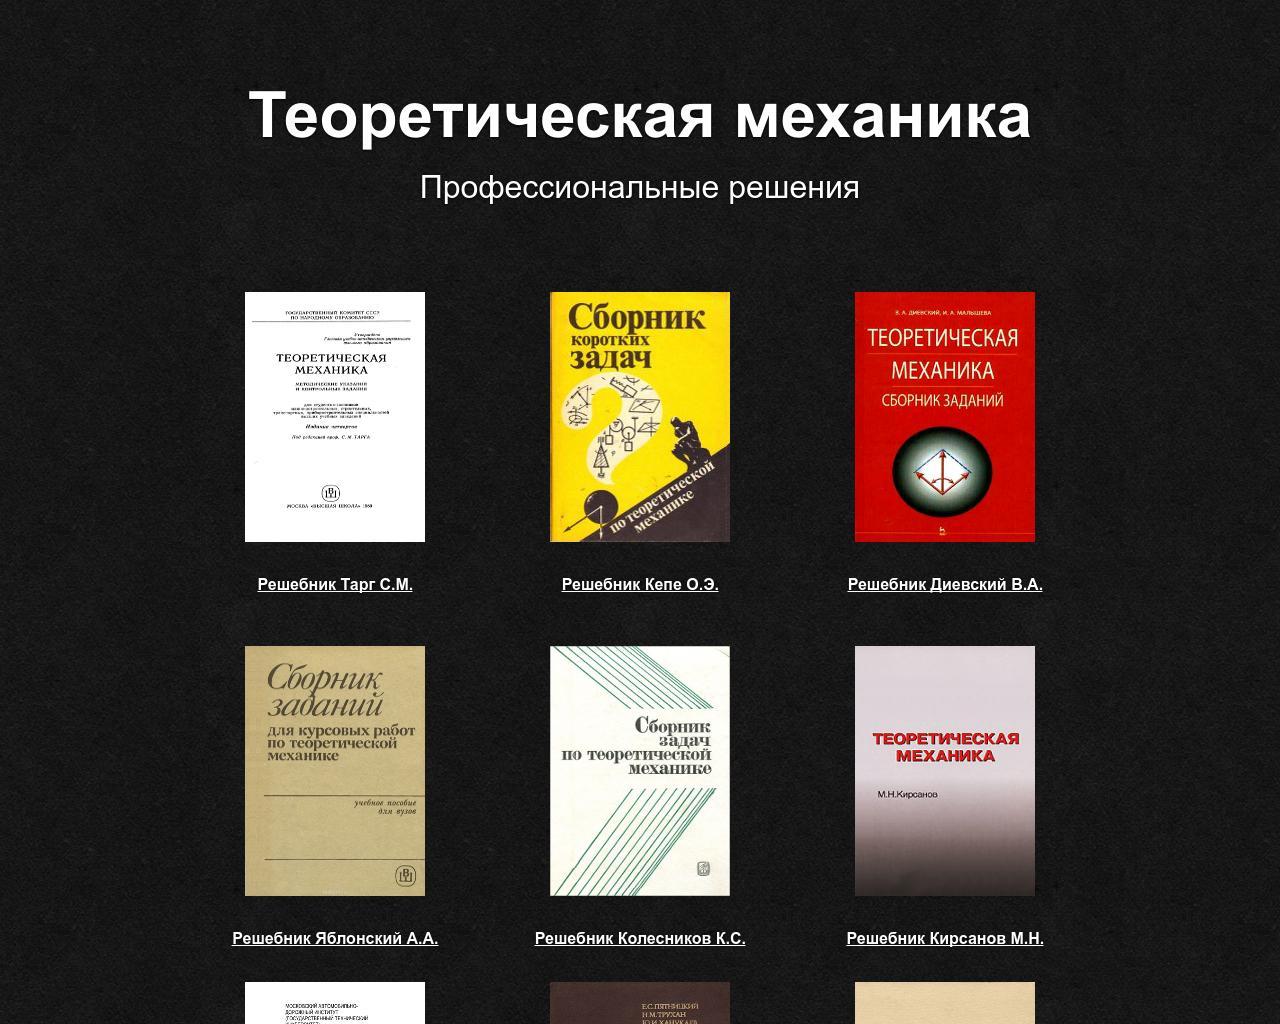 Задачник Диевского